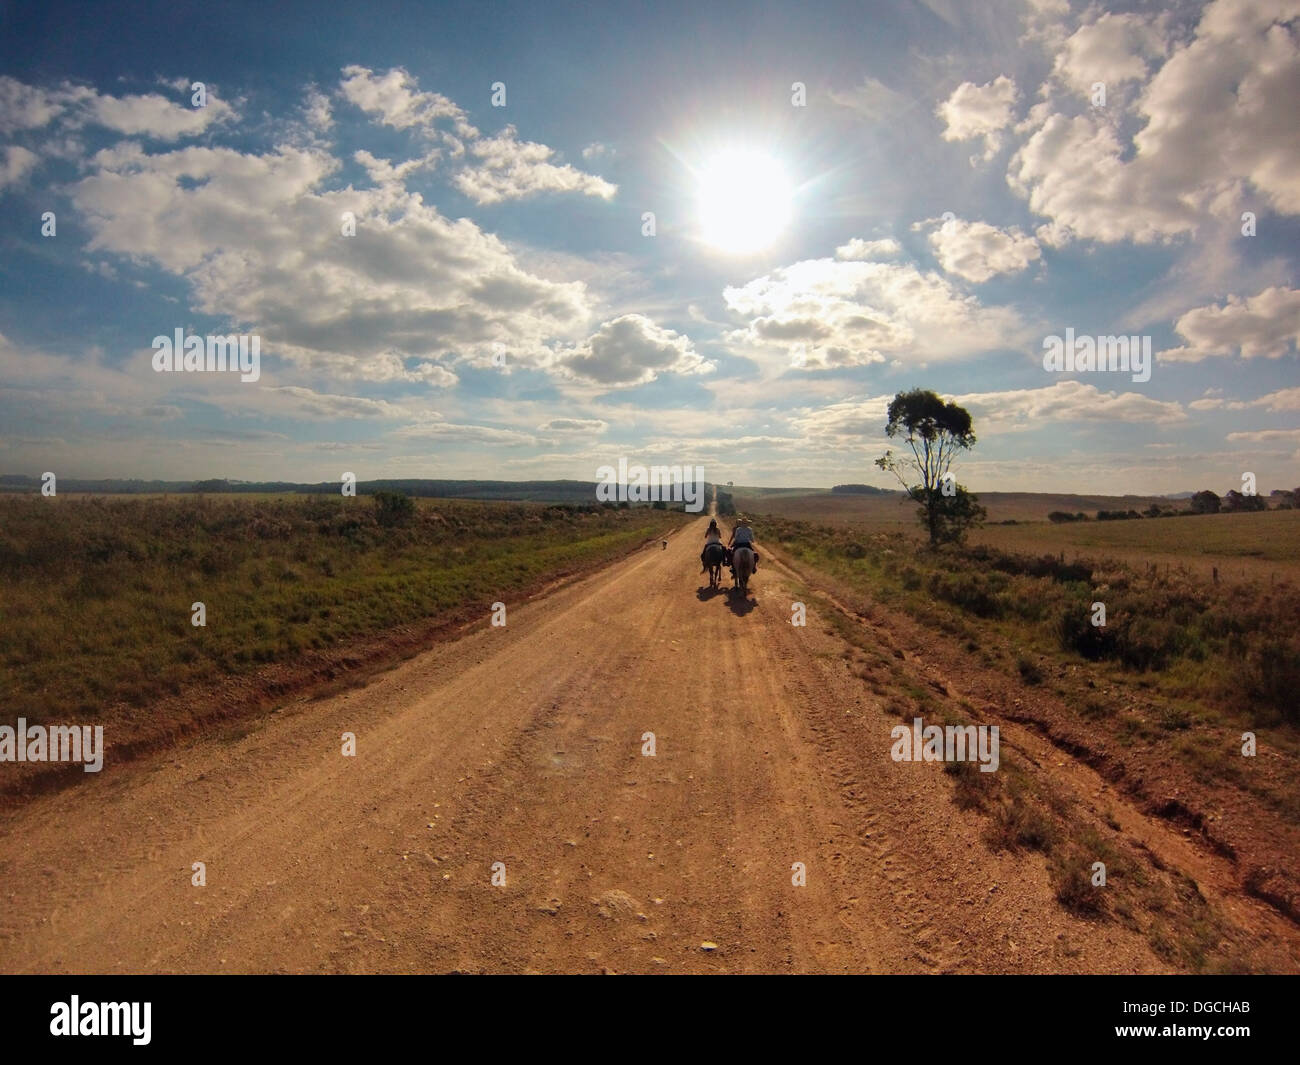 Hombre senior en caballo en pista de tierra, Uruguay Imagen De Stock